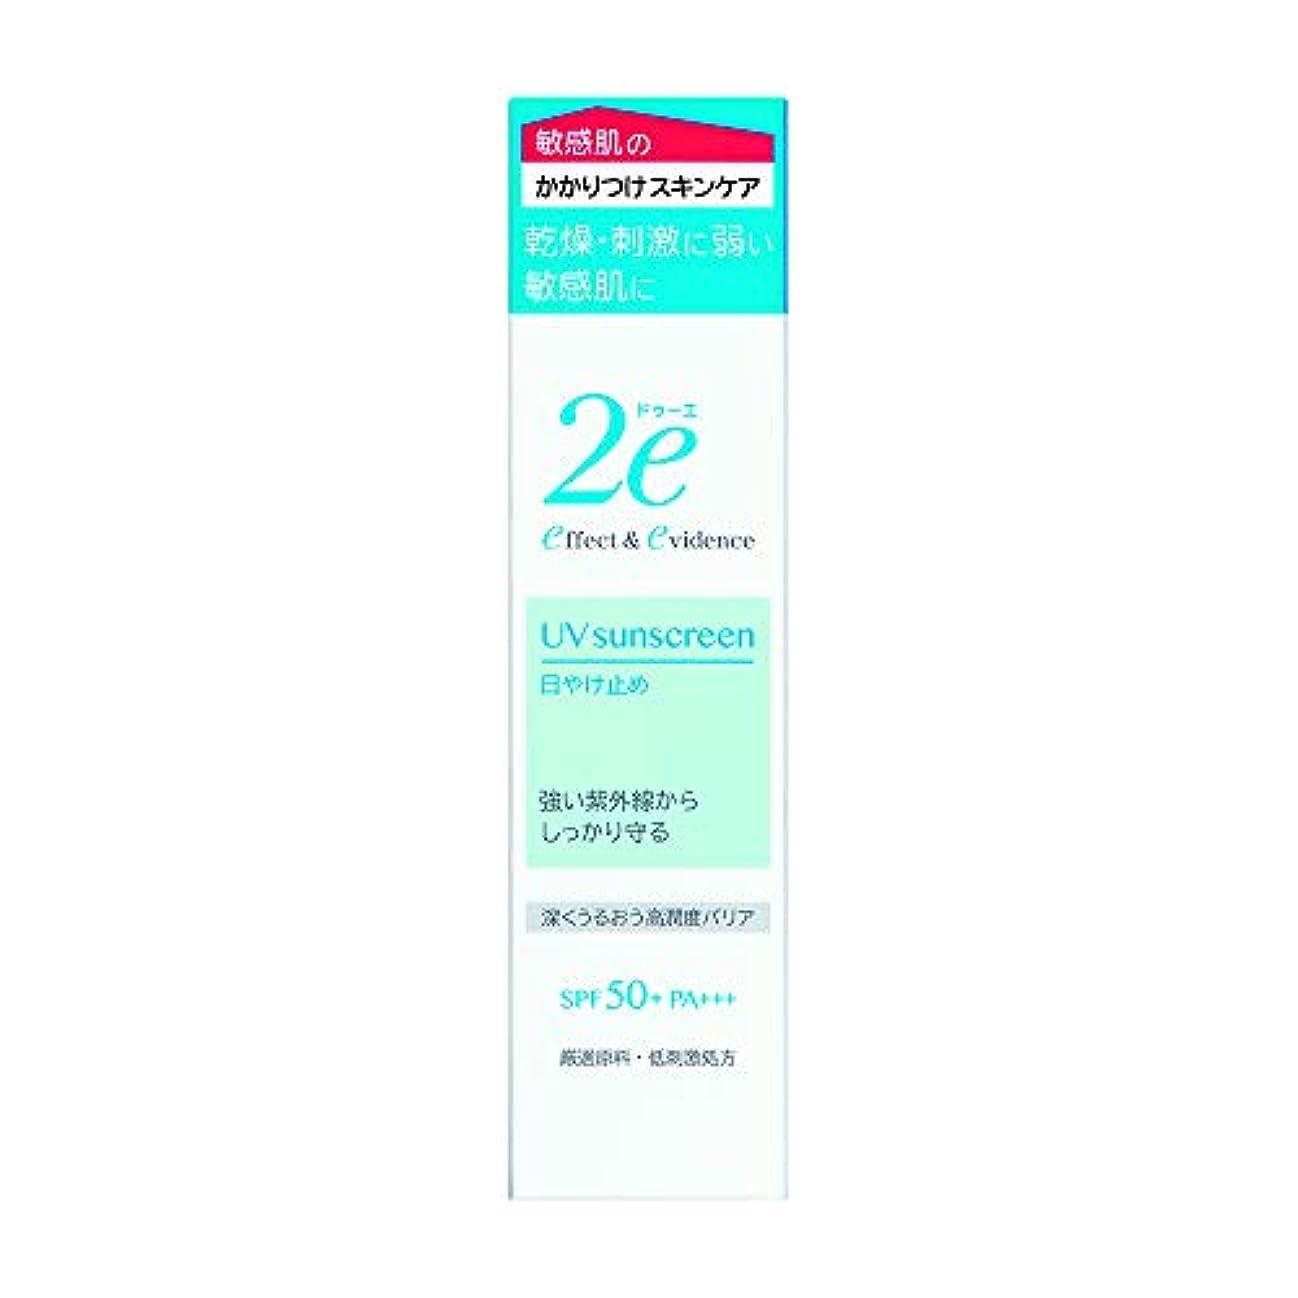 内なる炭水化物ロマンス2e(ドゥーエ) 日やけ止め 敏感肌用 低刺激処方 深くうるおう高潤度バリア 40g SPF50+ PA+++ 日焼け止め